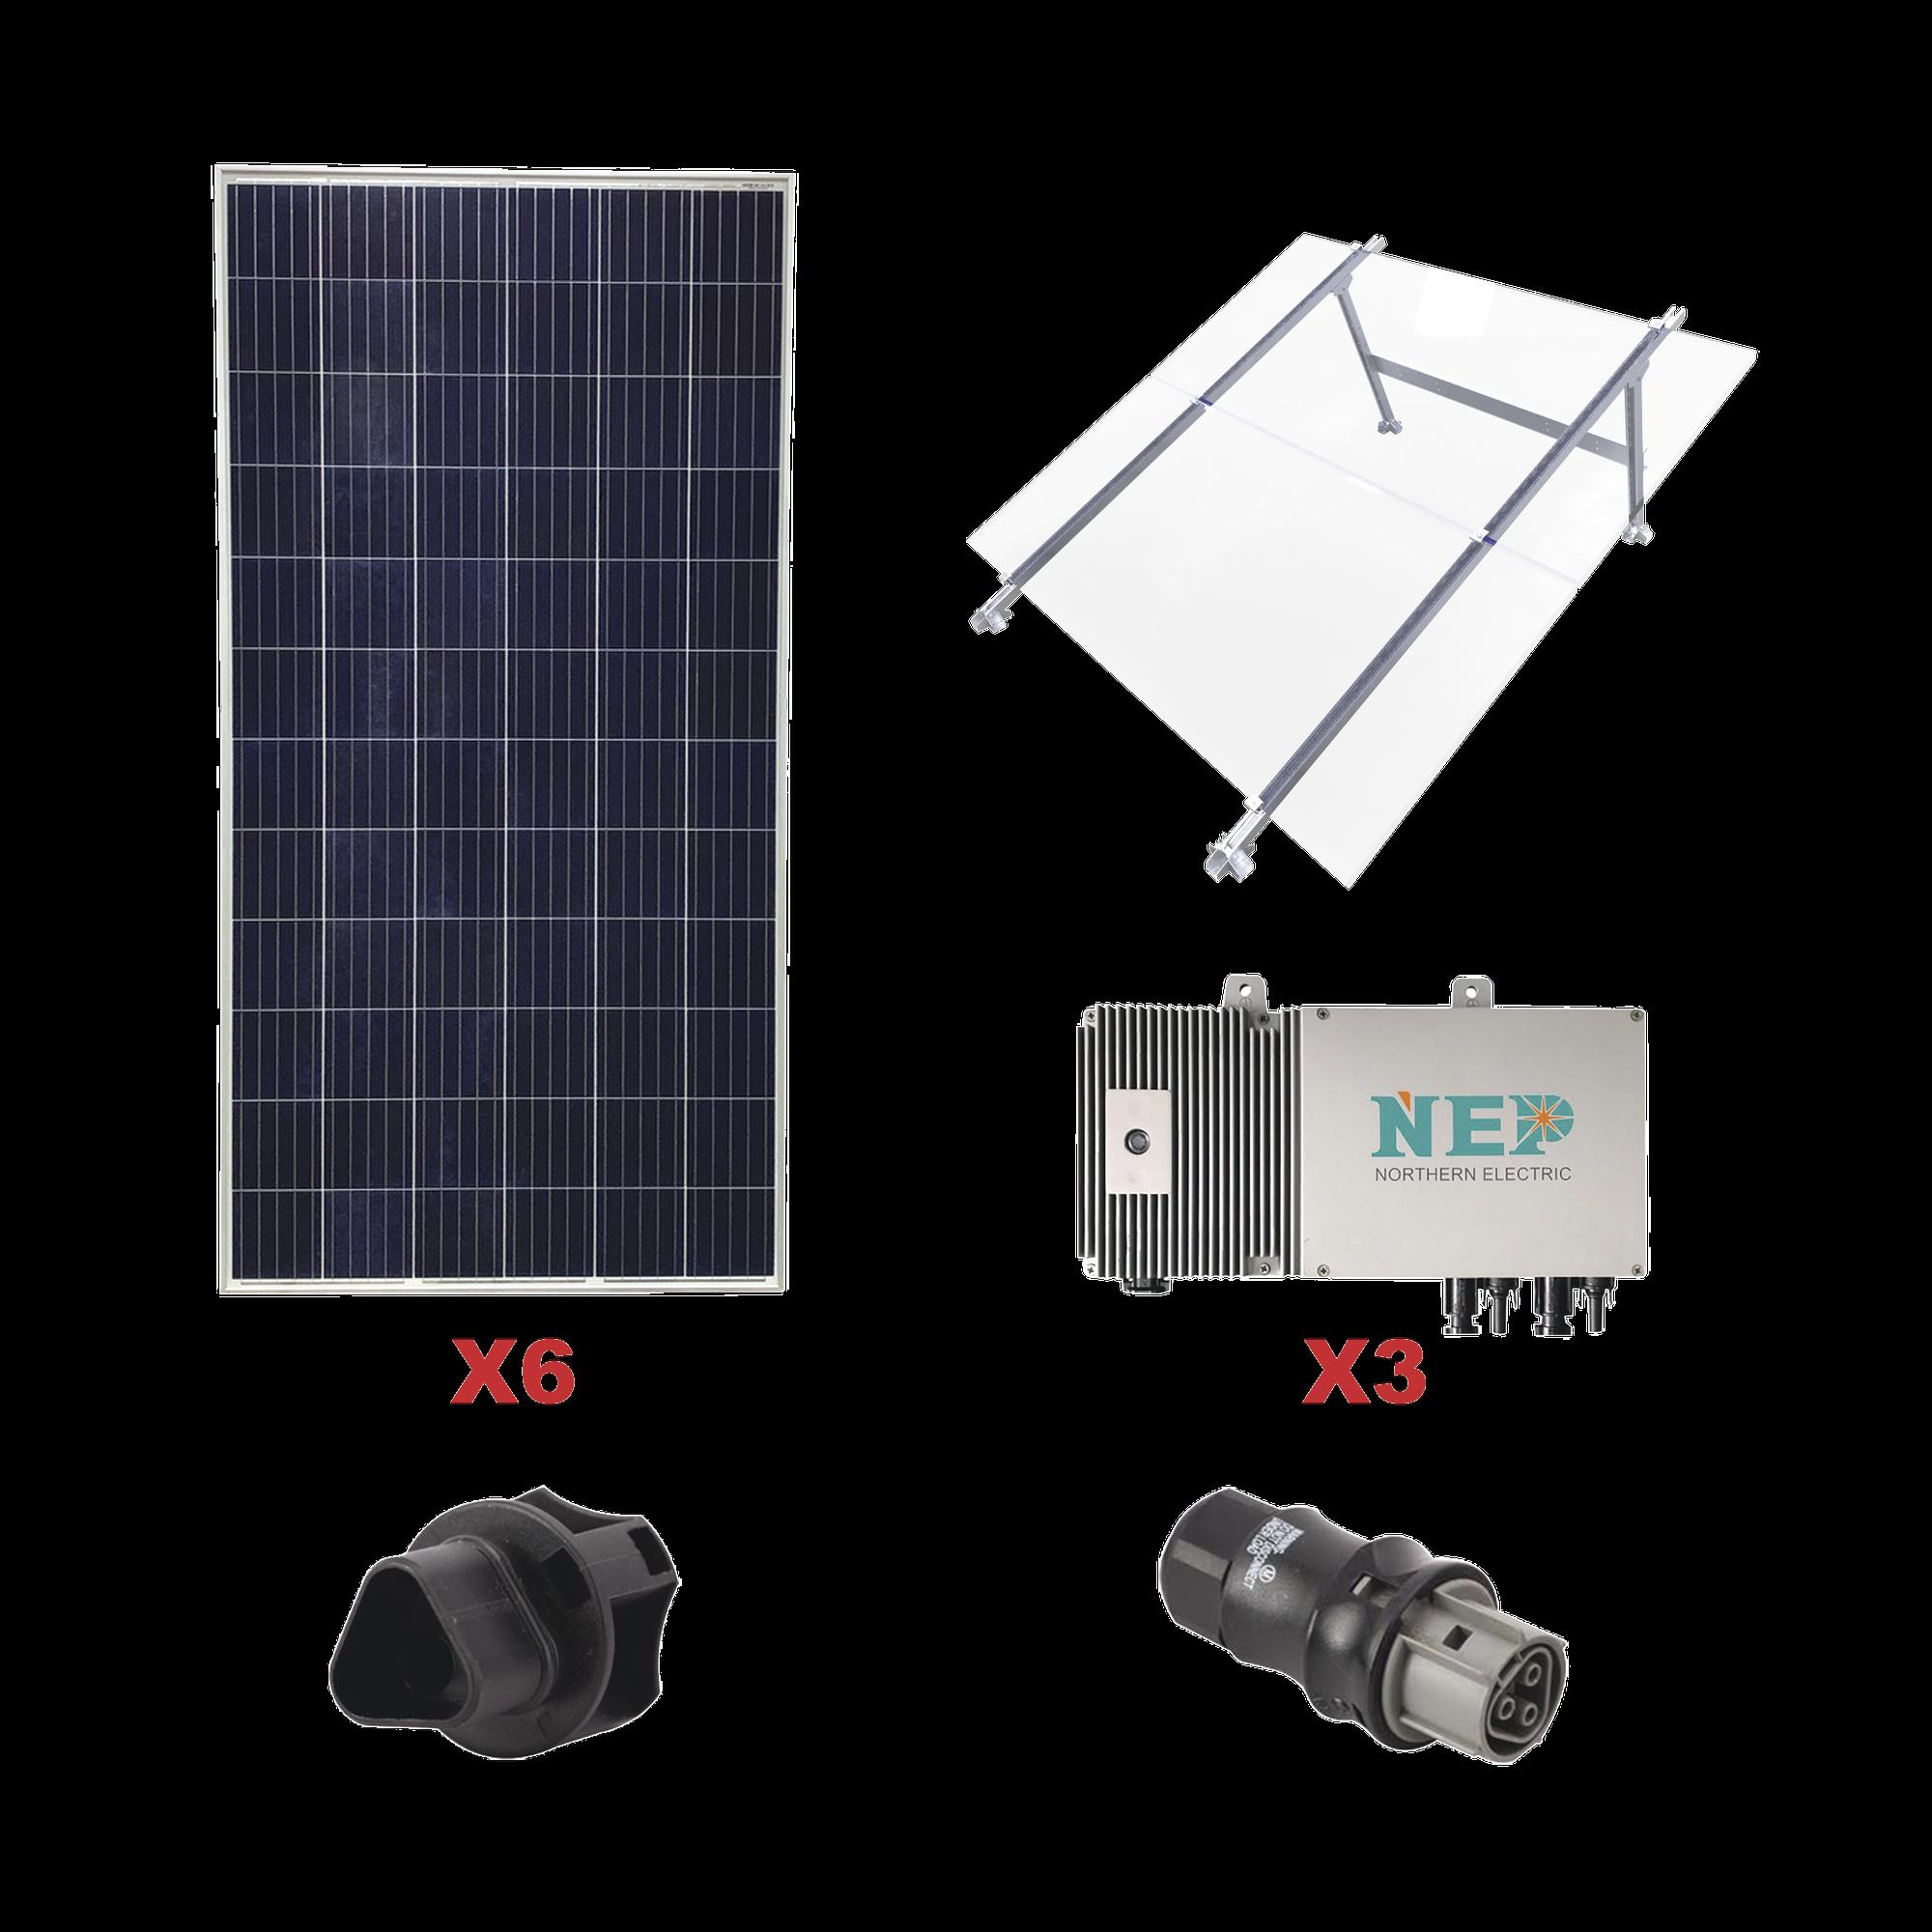 Kit Solar para Interconexión de 1.65 KW de Potencia, 110 Vca con Micro Inversores y Paneles Policristalinos.